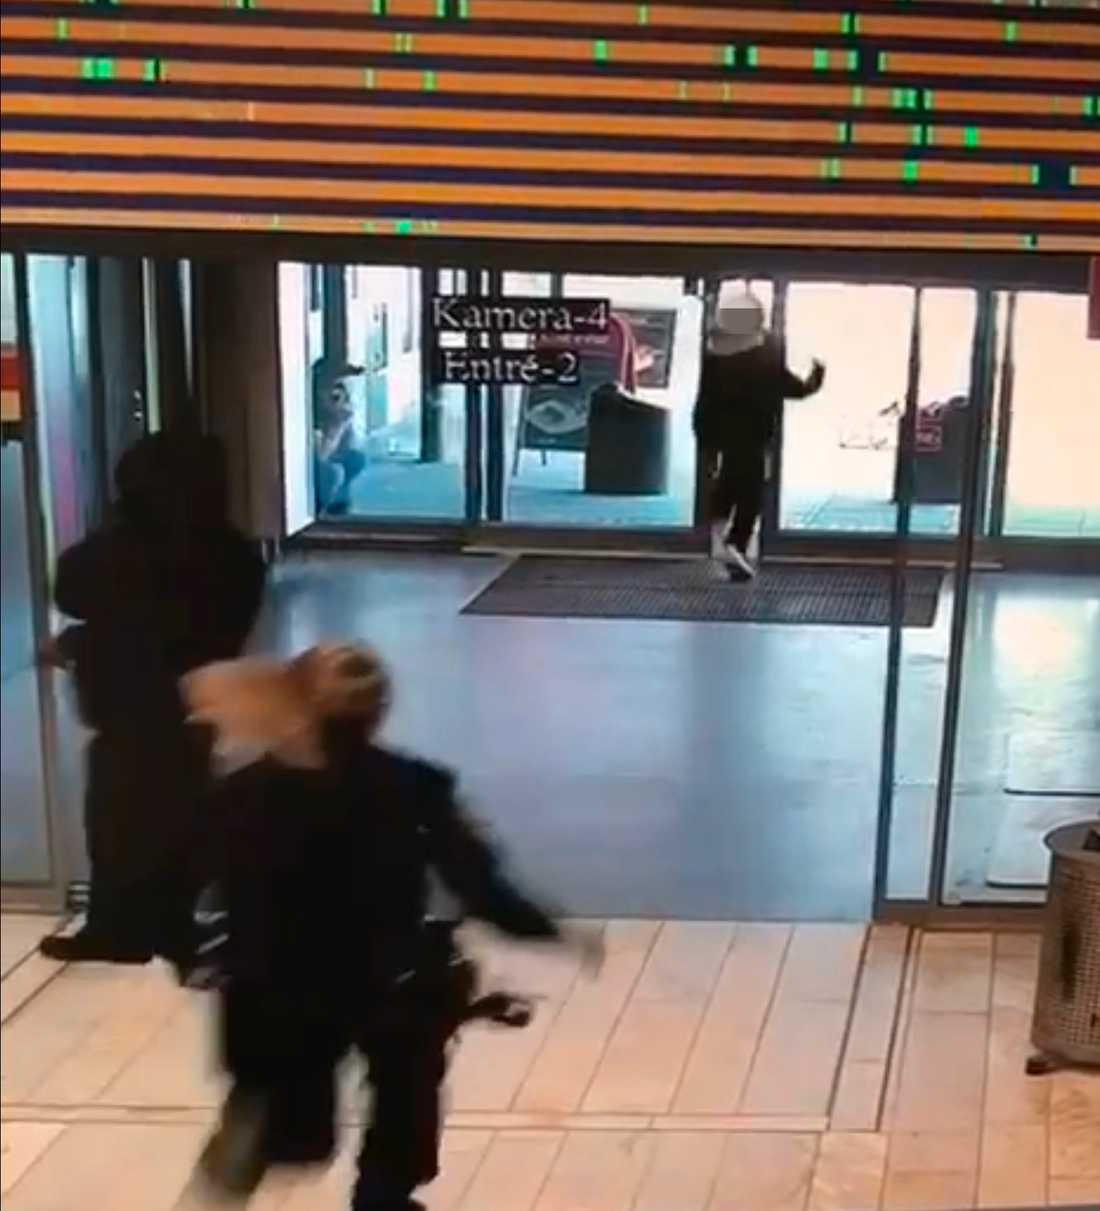 Samtidigt som de automatiska dörrarna håller på att slå igen springer mannen rakt in i dem.